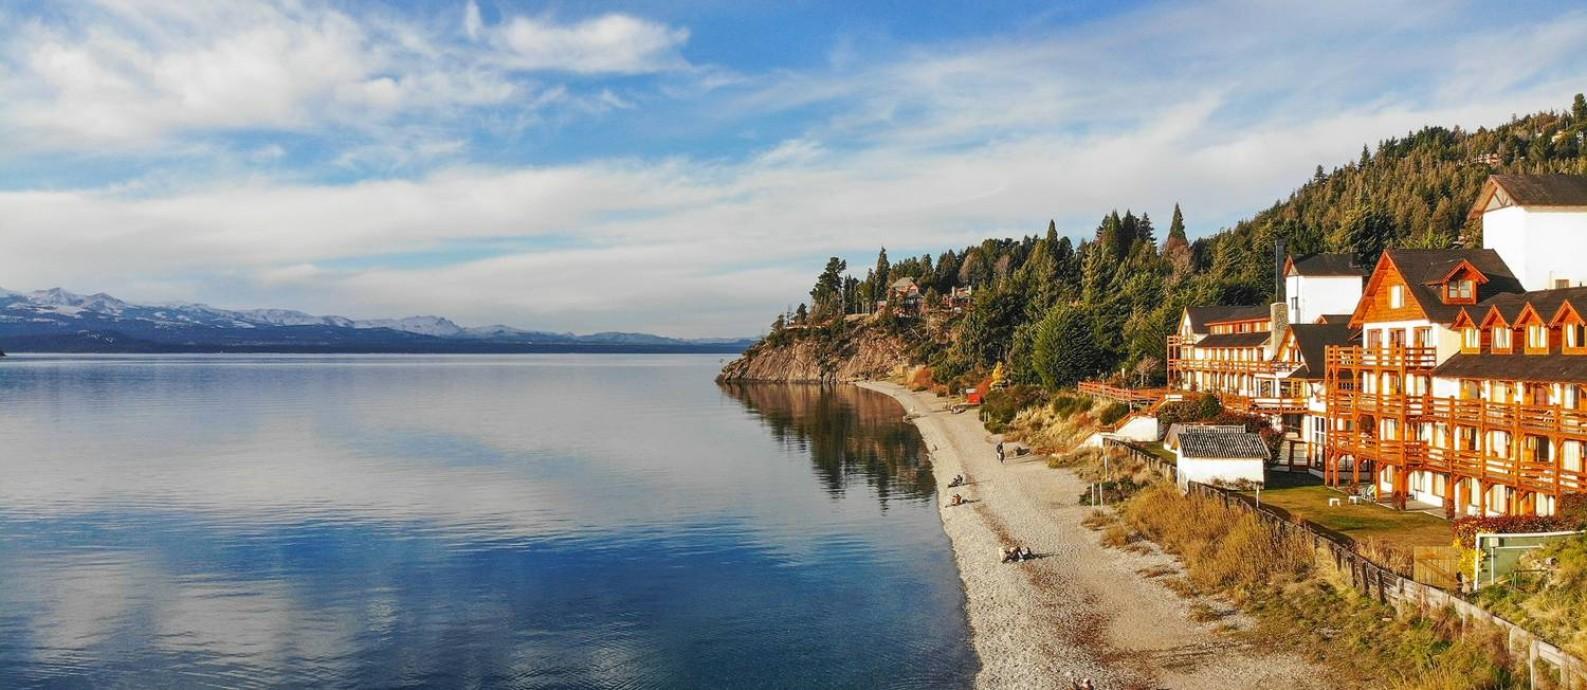 O Lago Nahuel Huapi, que marca a paisagem de Bariloche, na Argentina Foto: Emprotour / Divulgação